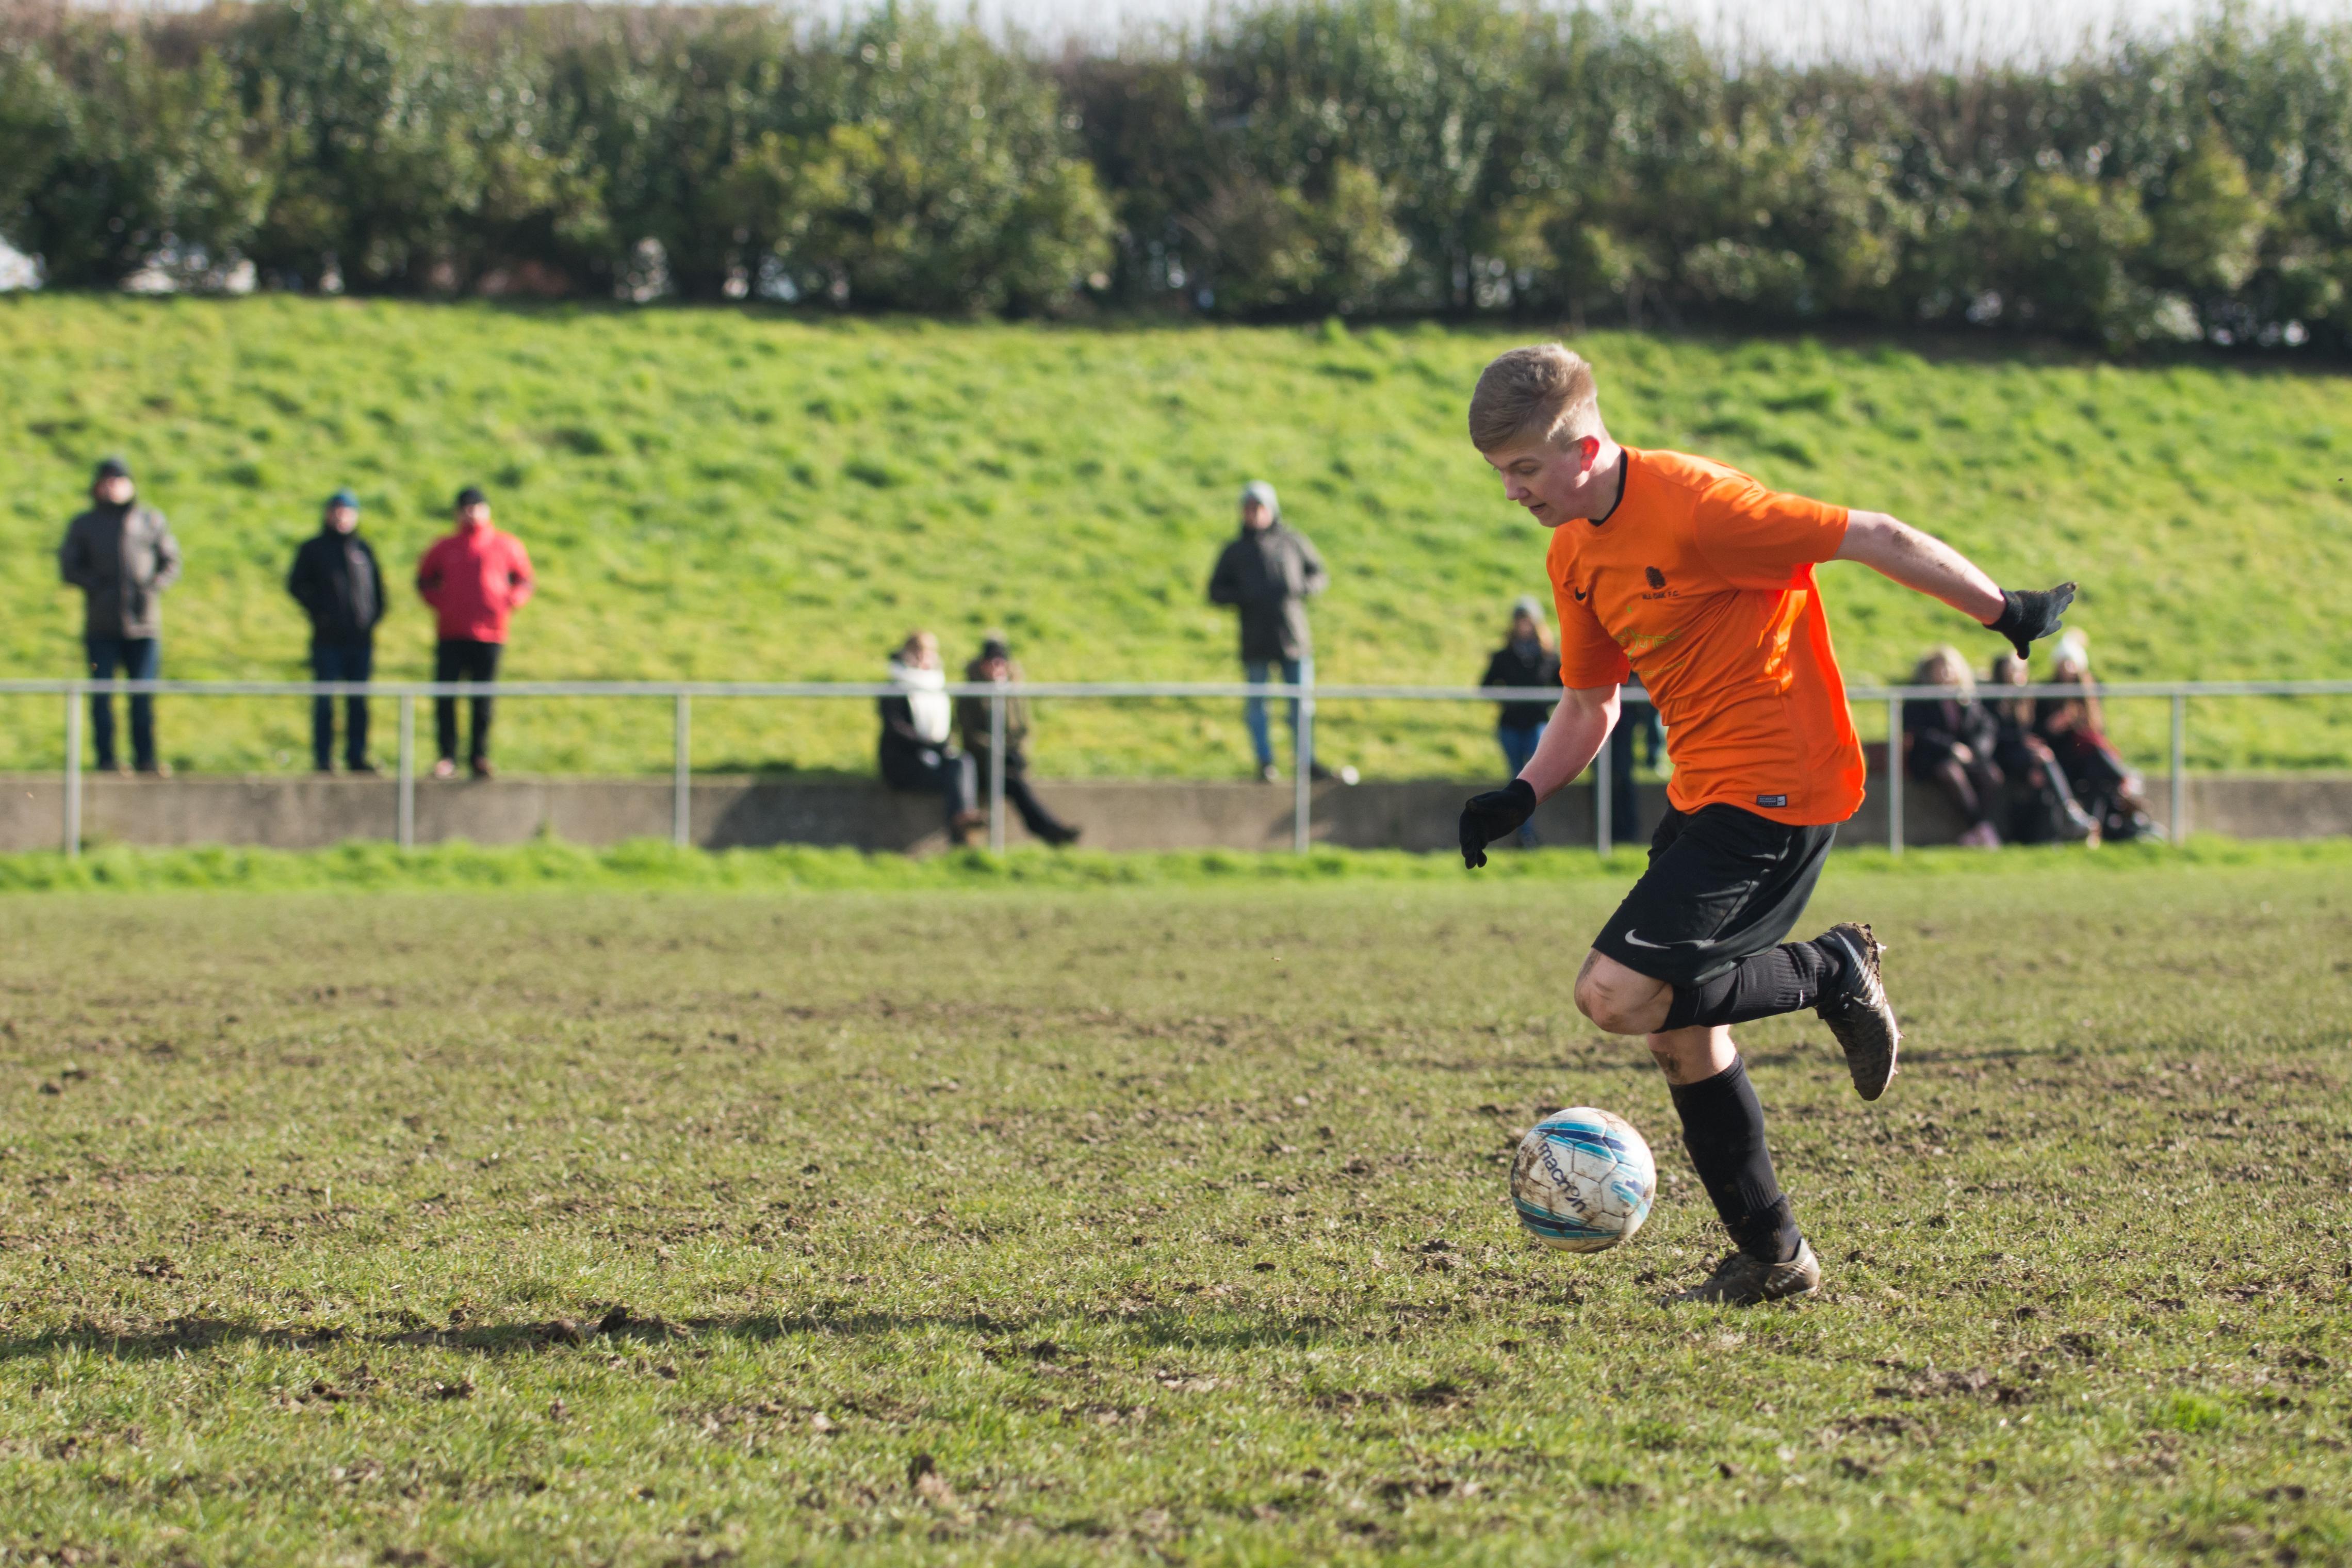 Mile Oak FC U18s vs Newhaven FC U18s 04.02.18 19